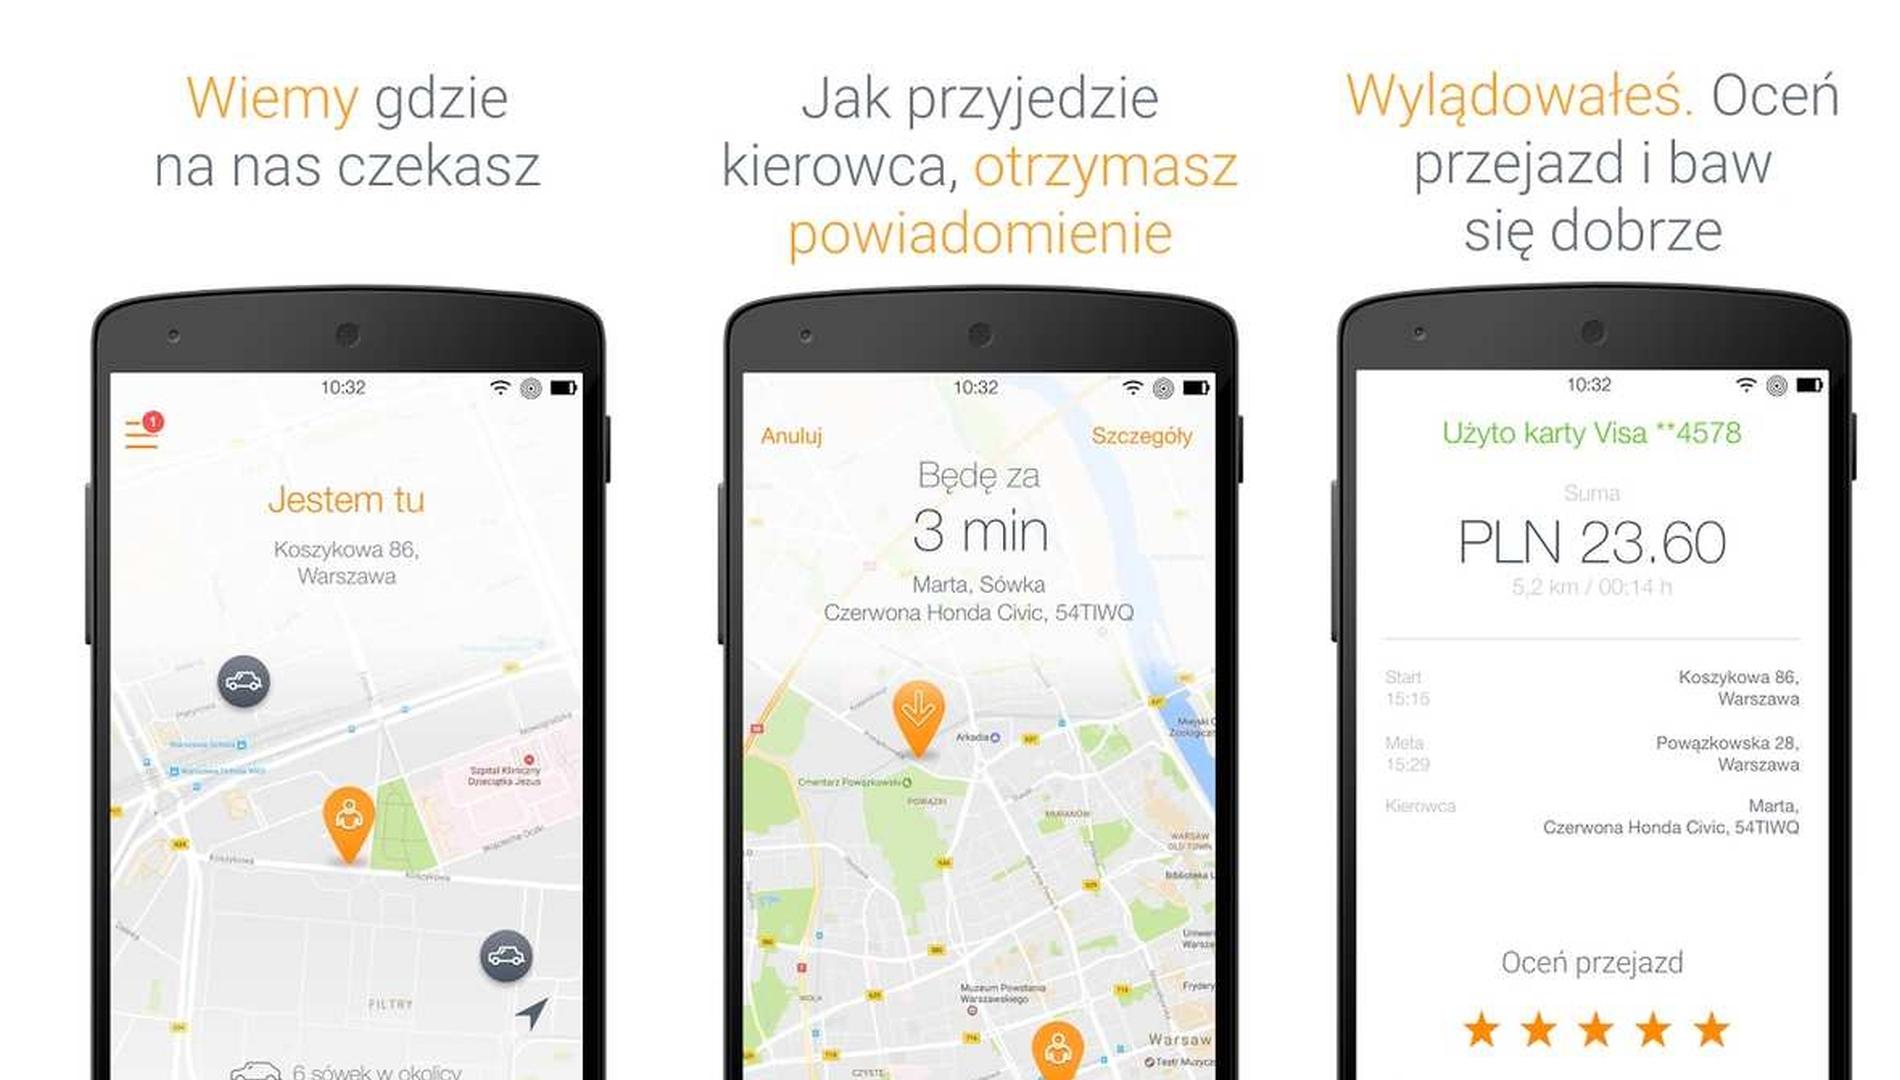 Sowka-polski-Uber-dla-nocnych-imprezowiczow_article.jpg